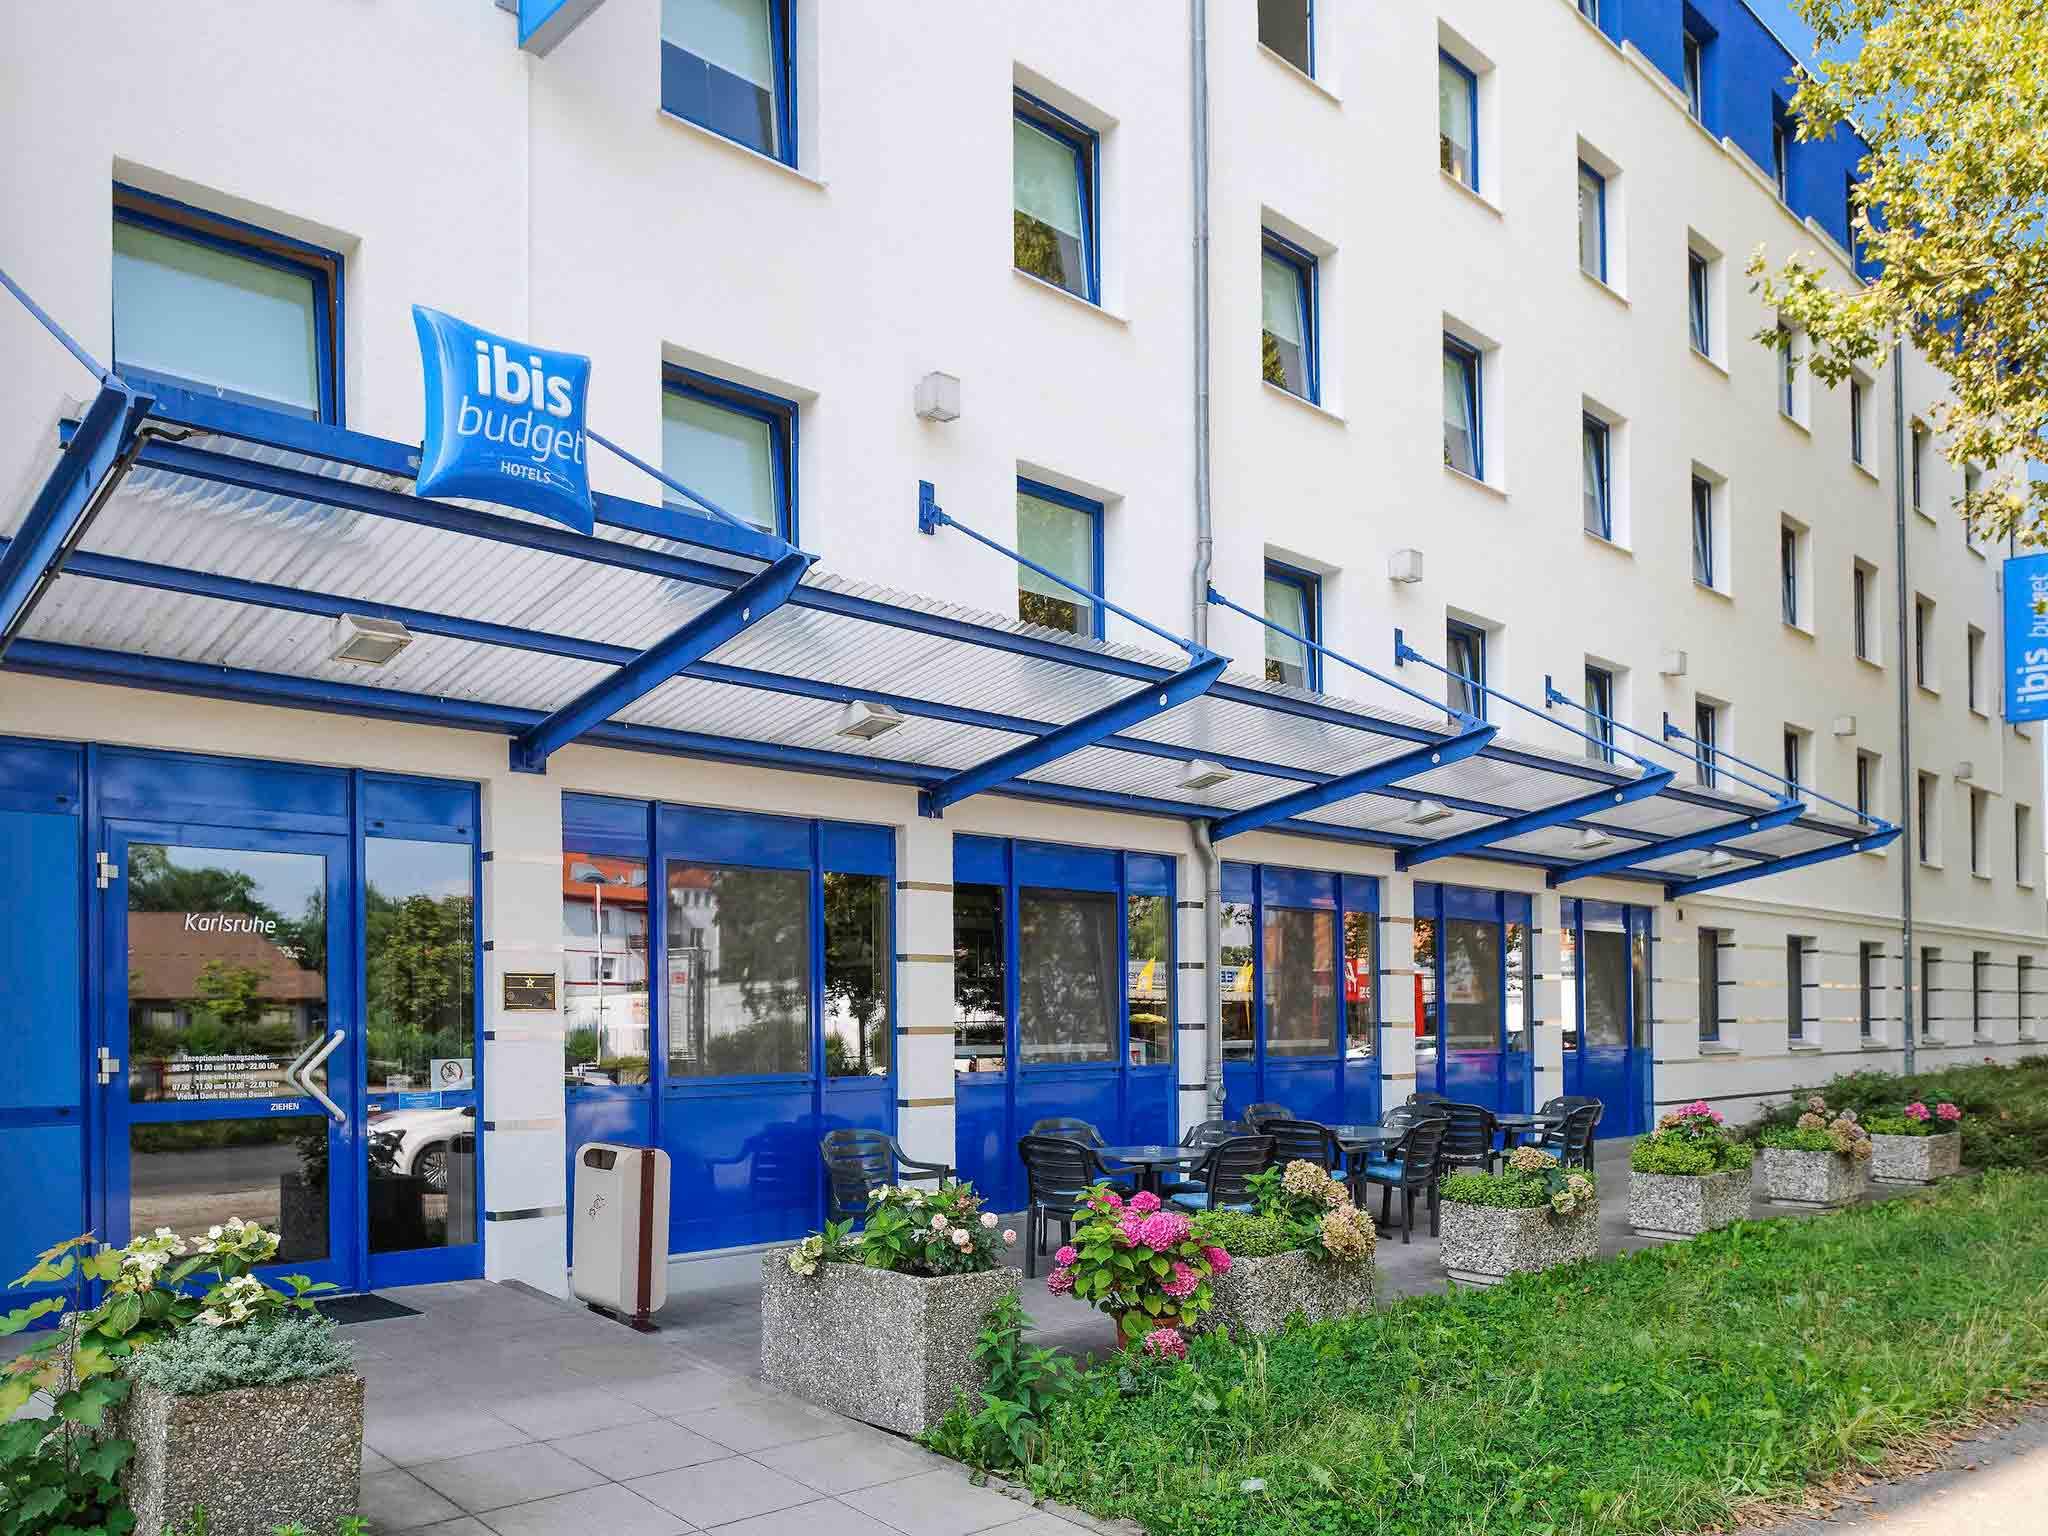 Hotel - ibis budget Karlsruhe